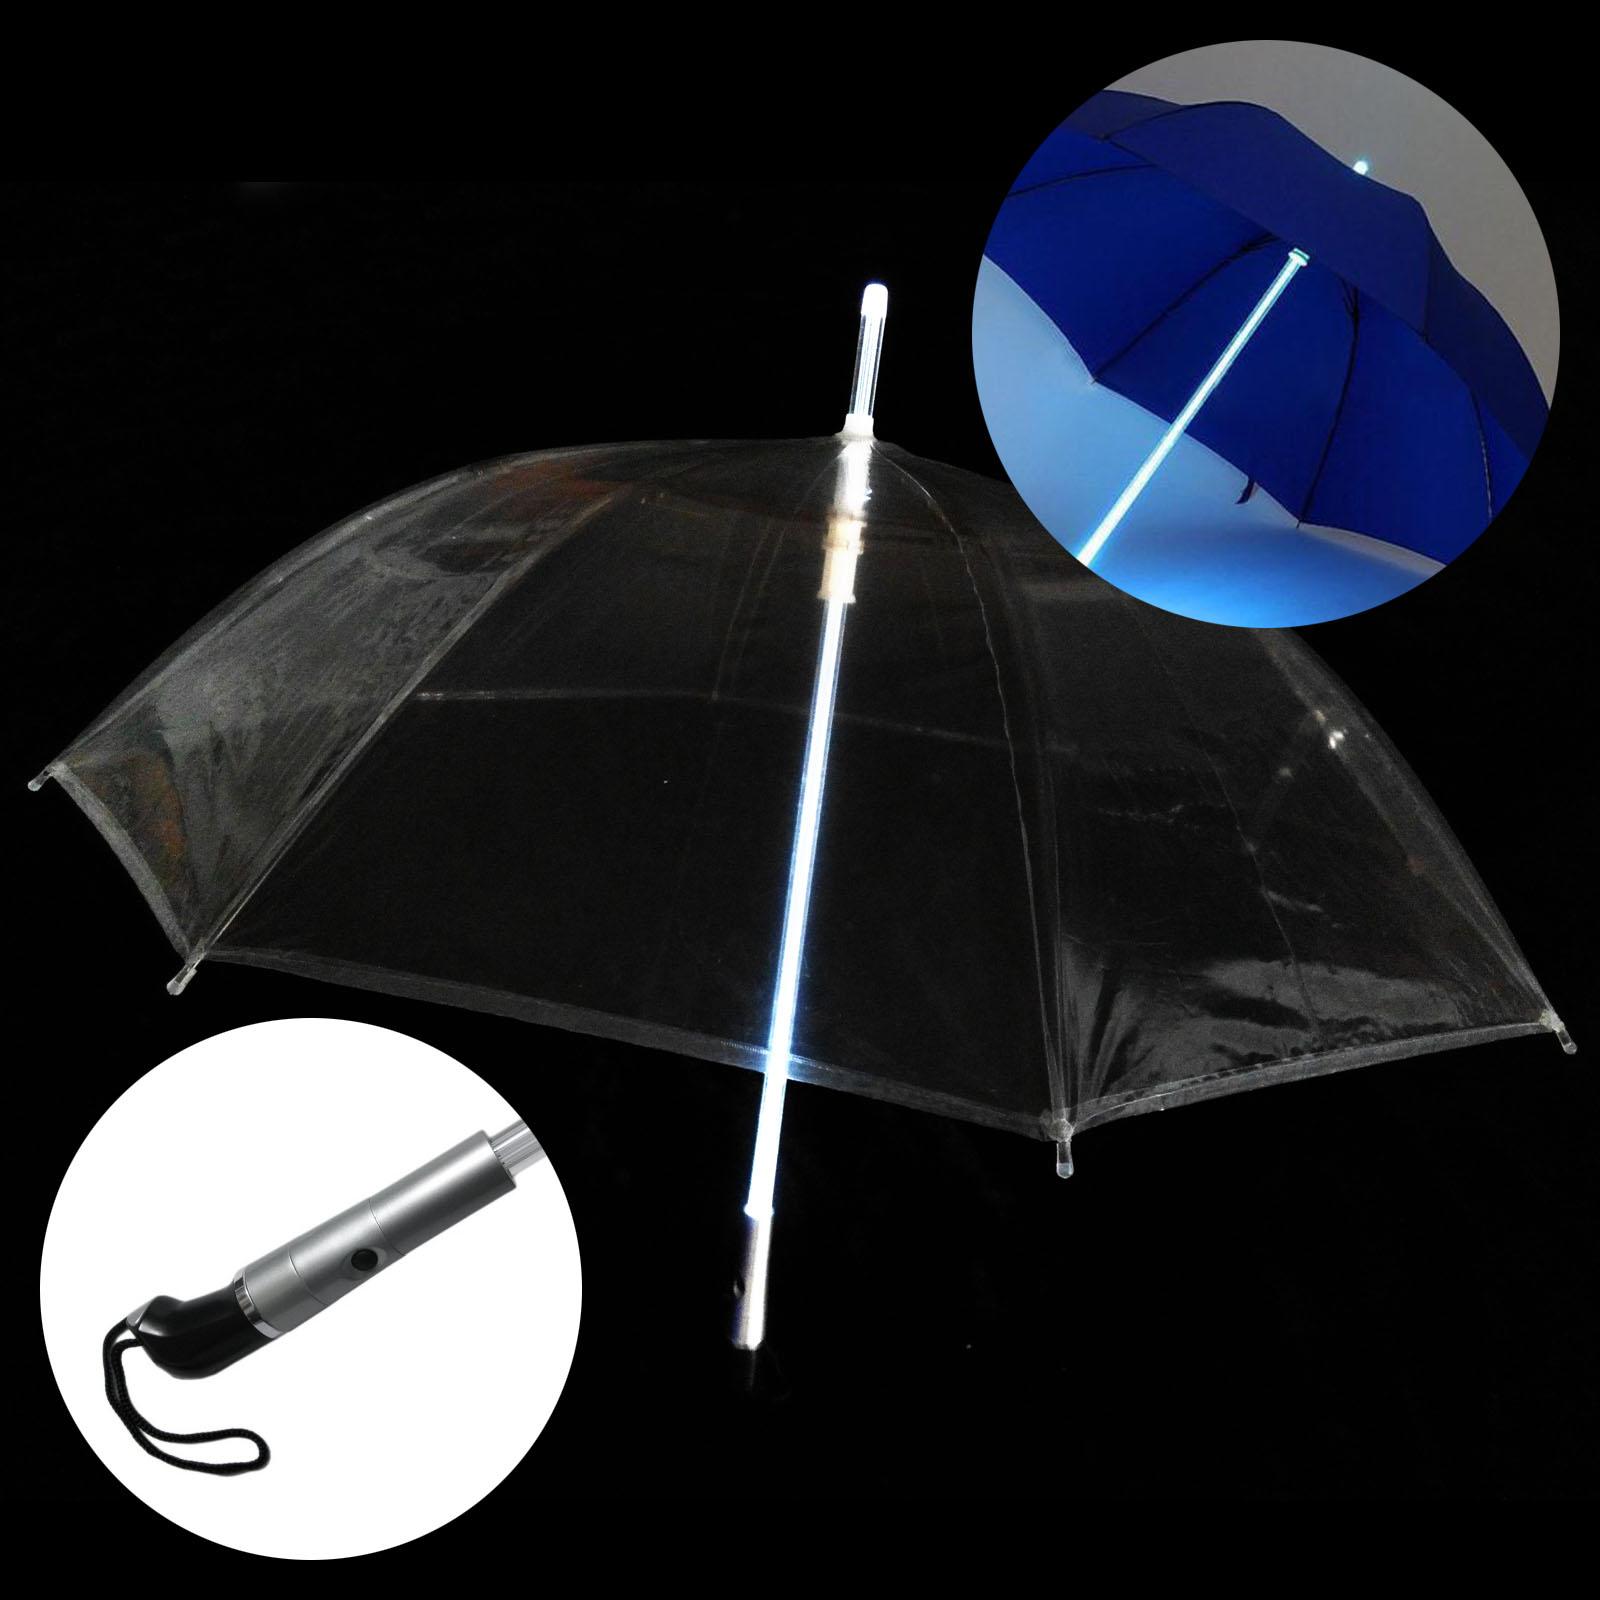 Parapluie lumineux blade runner un must - Lampe qui s allume en la touchant ...